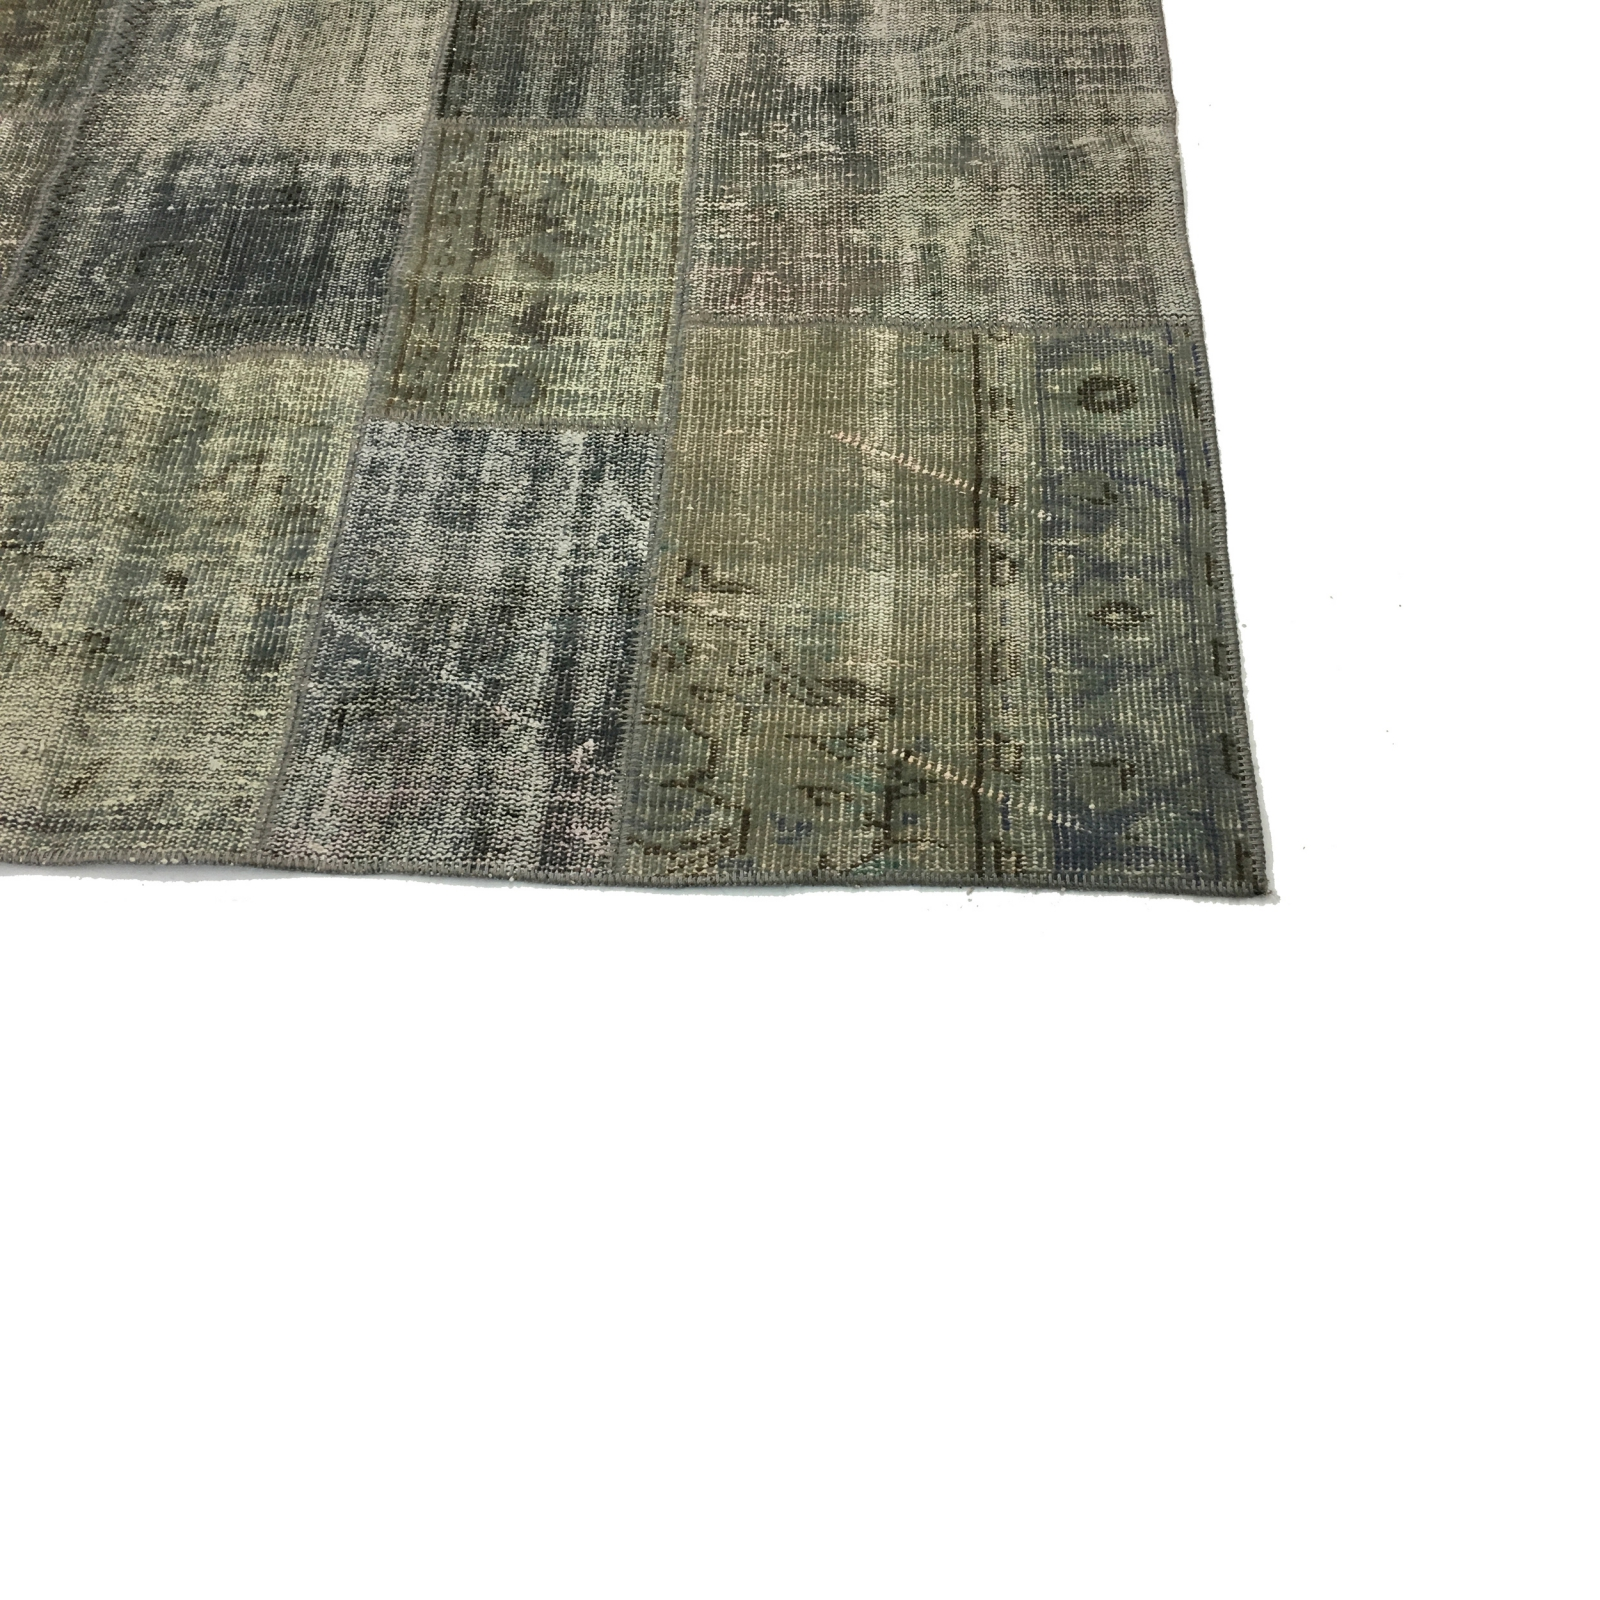 Grau vintage patchwork teppich (200x298cm)